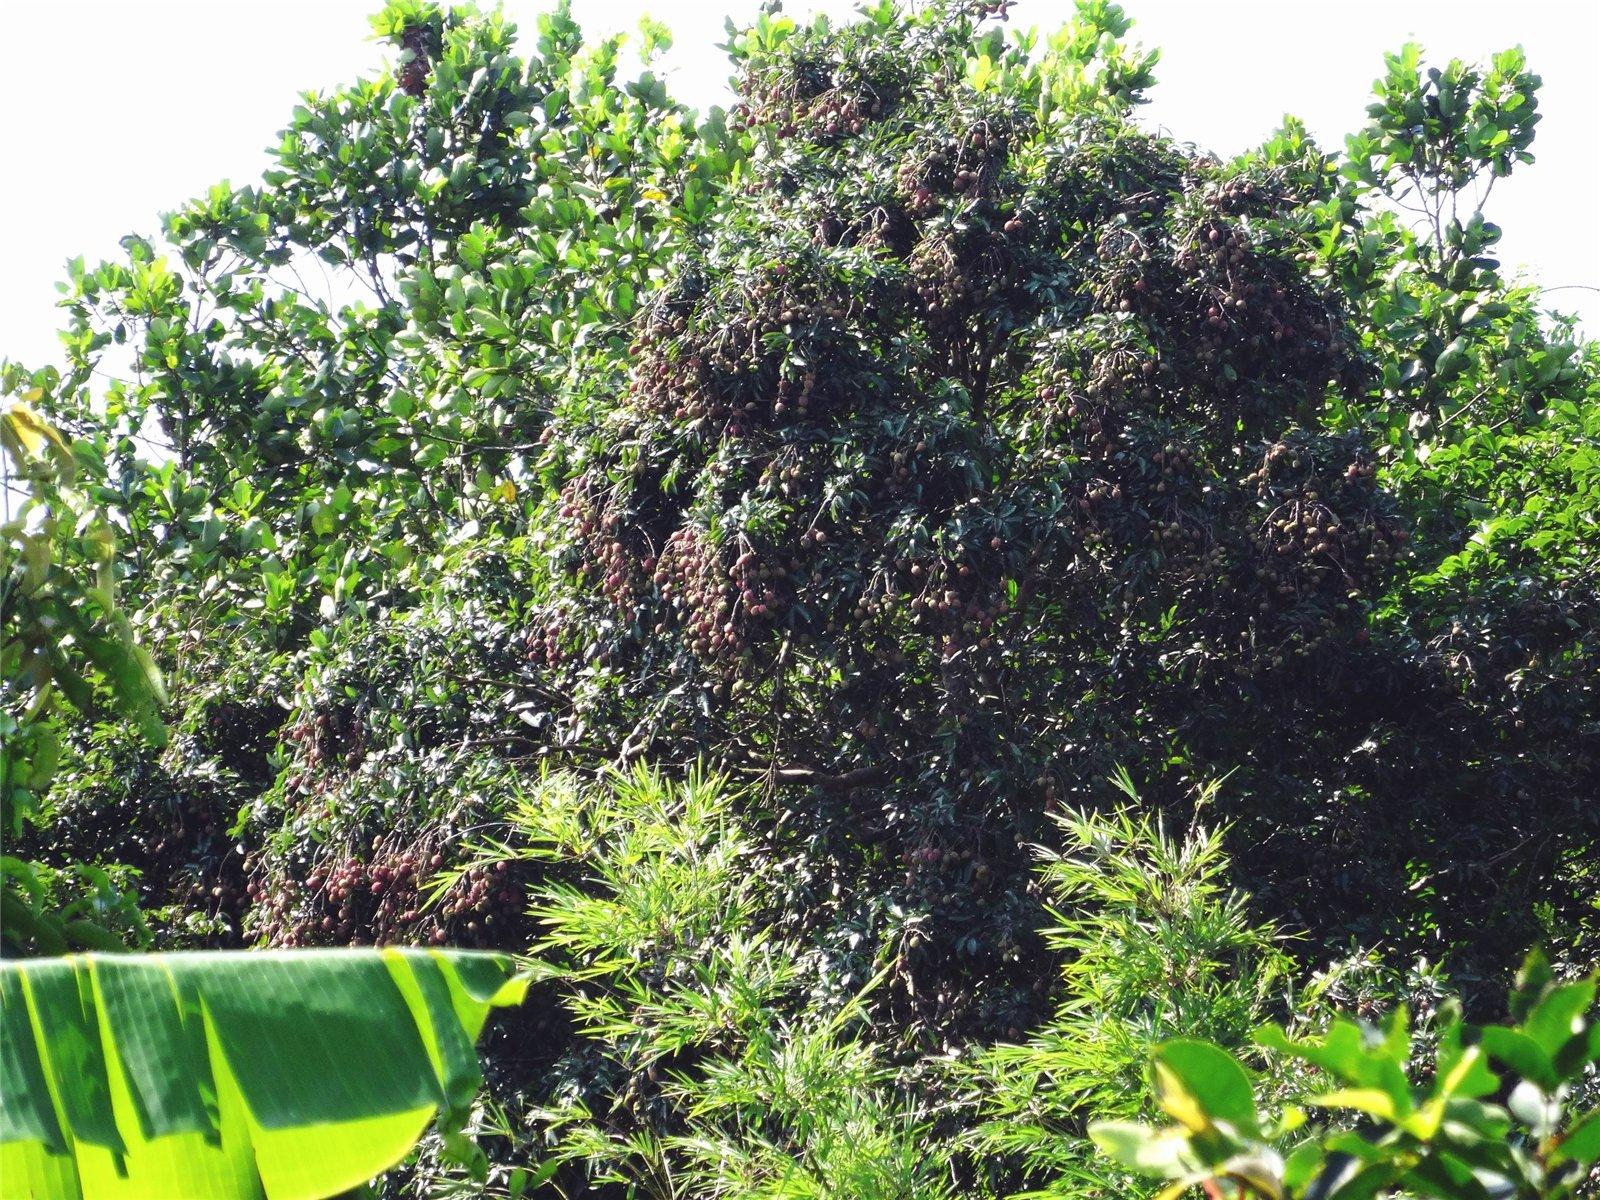 乡下的老荔枝树结果累累,野味十足,就是高不可攀!